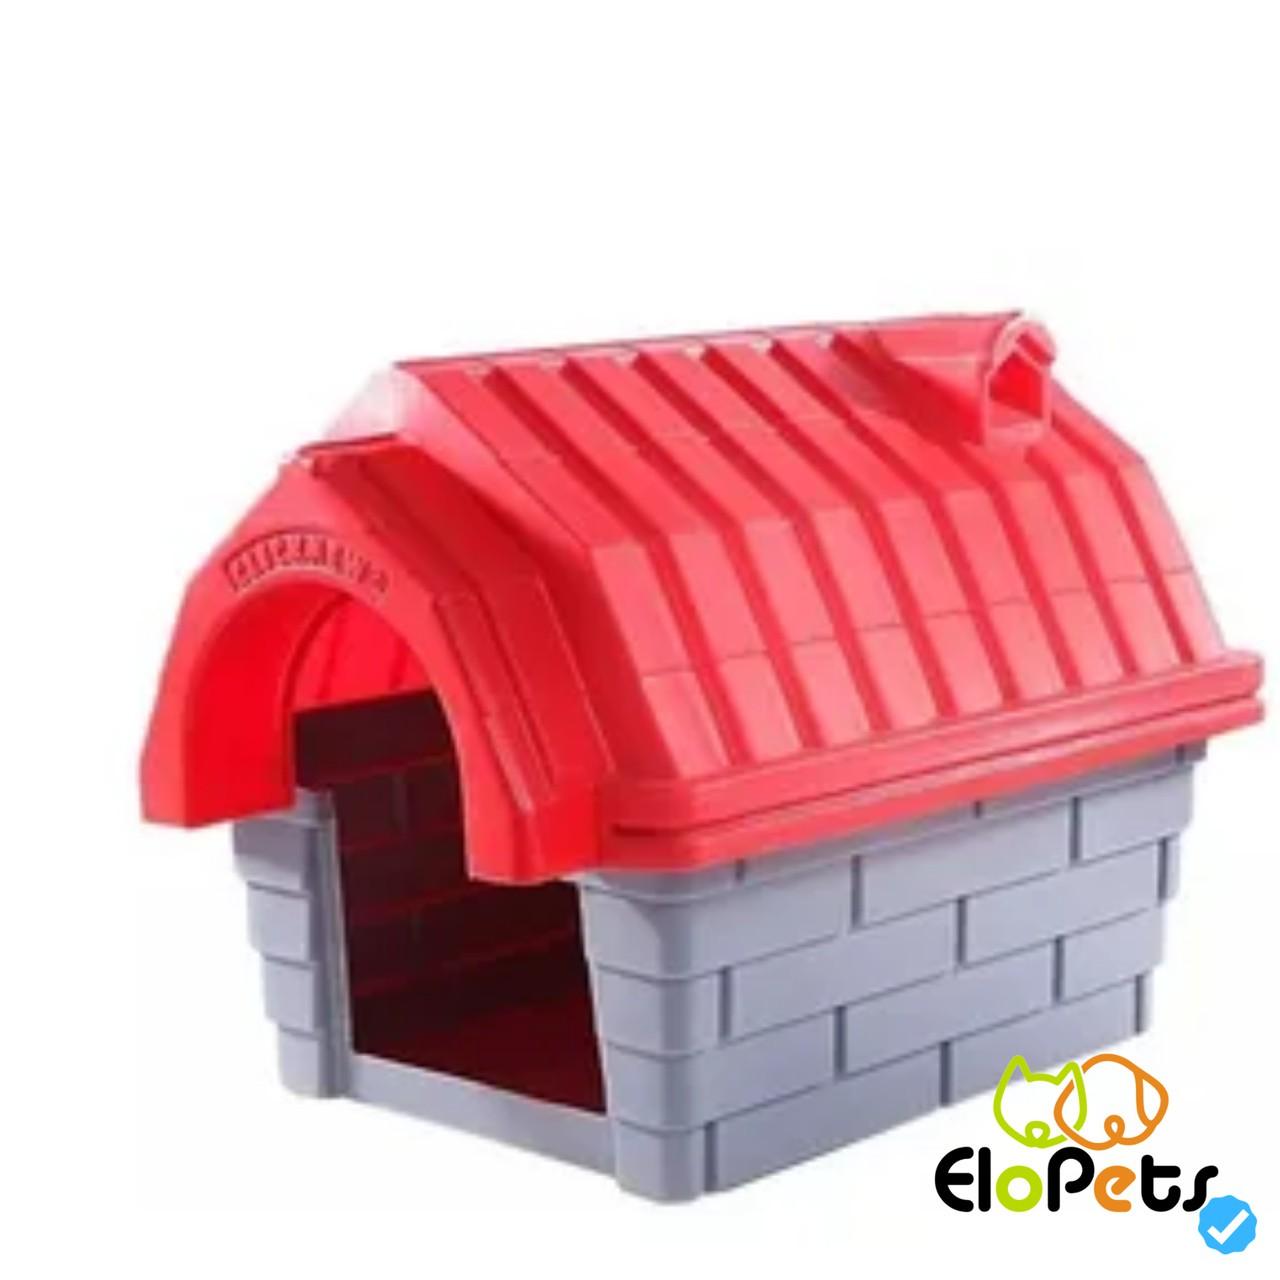 Casa Plastica Clicknew Chamine vermelha